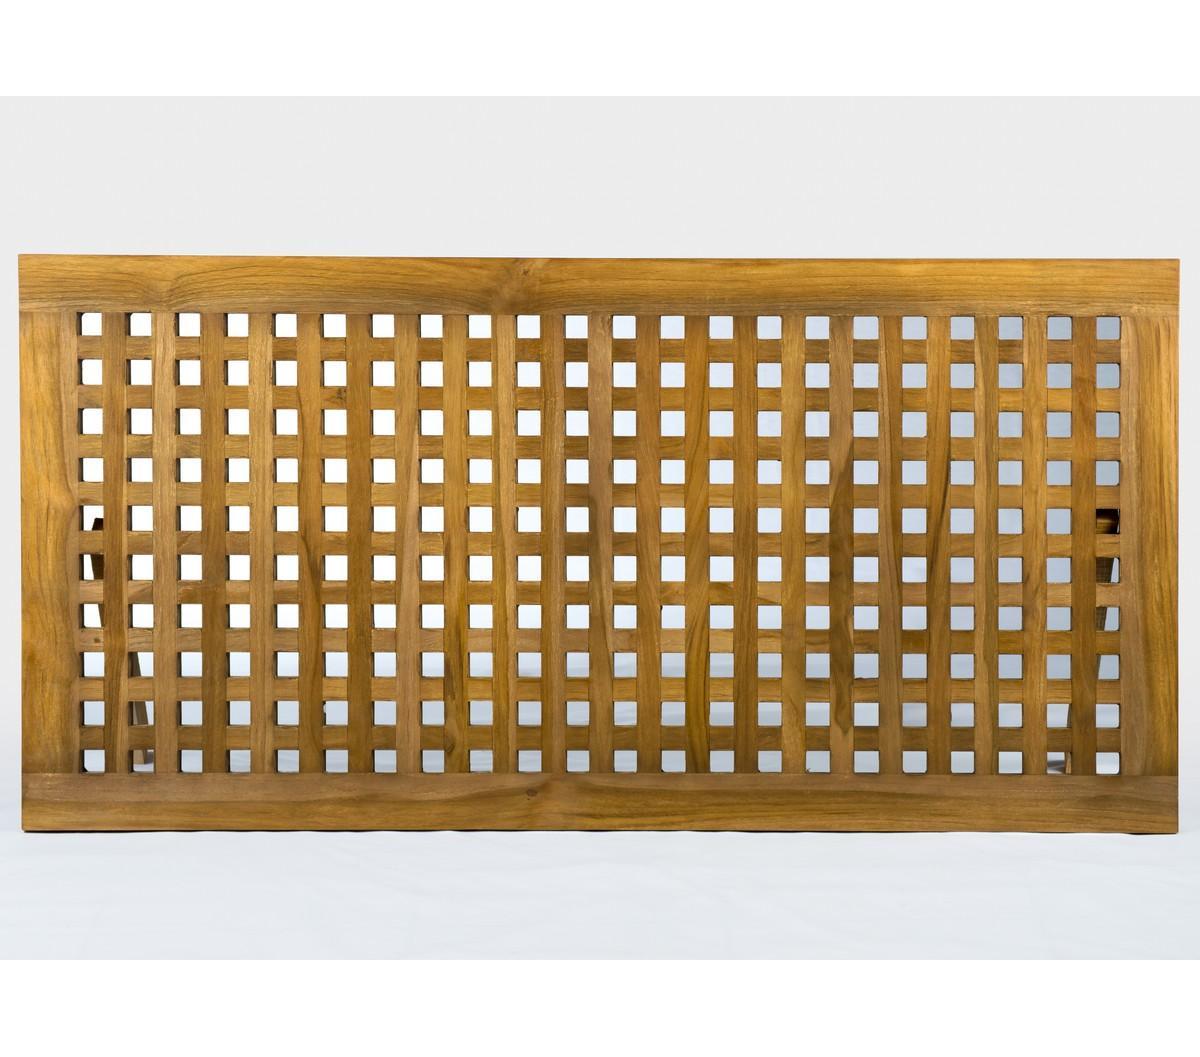 caillebotis pour salle de bain en teck finition rustique INOS 16 X 16 cm